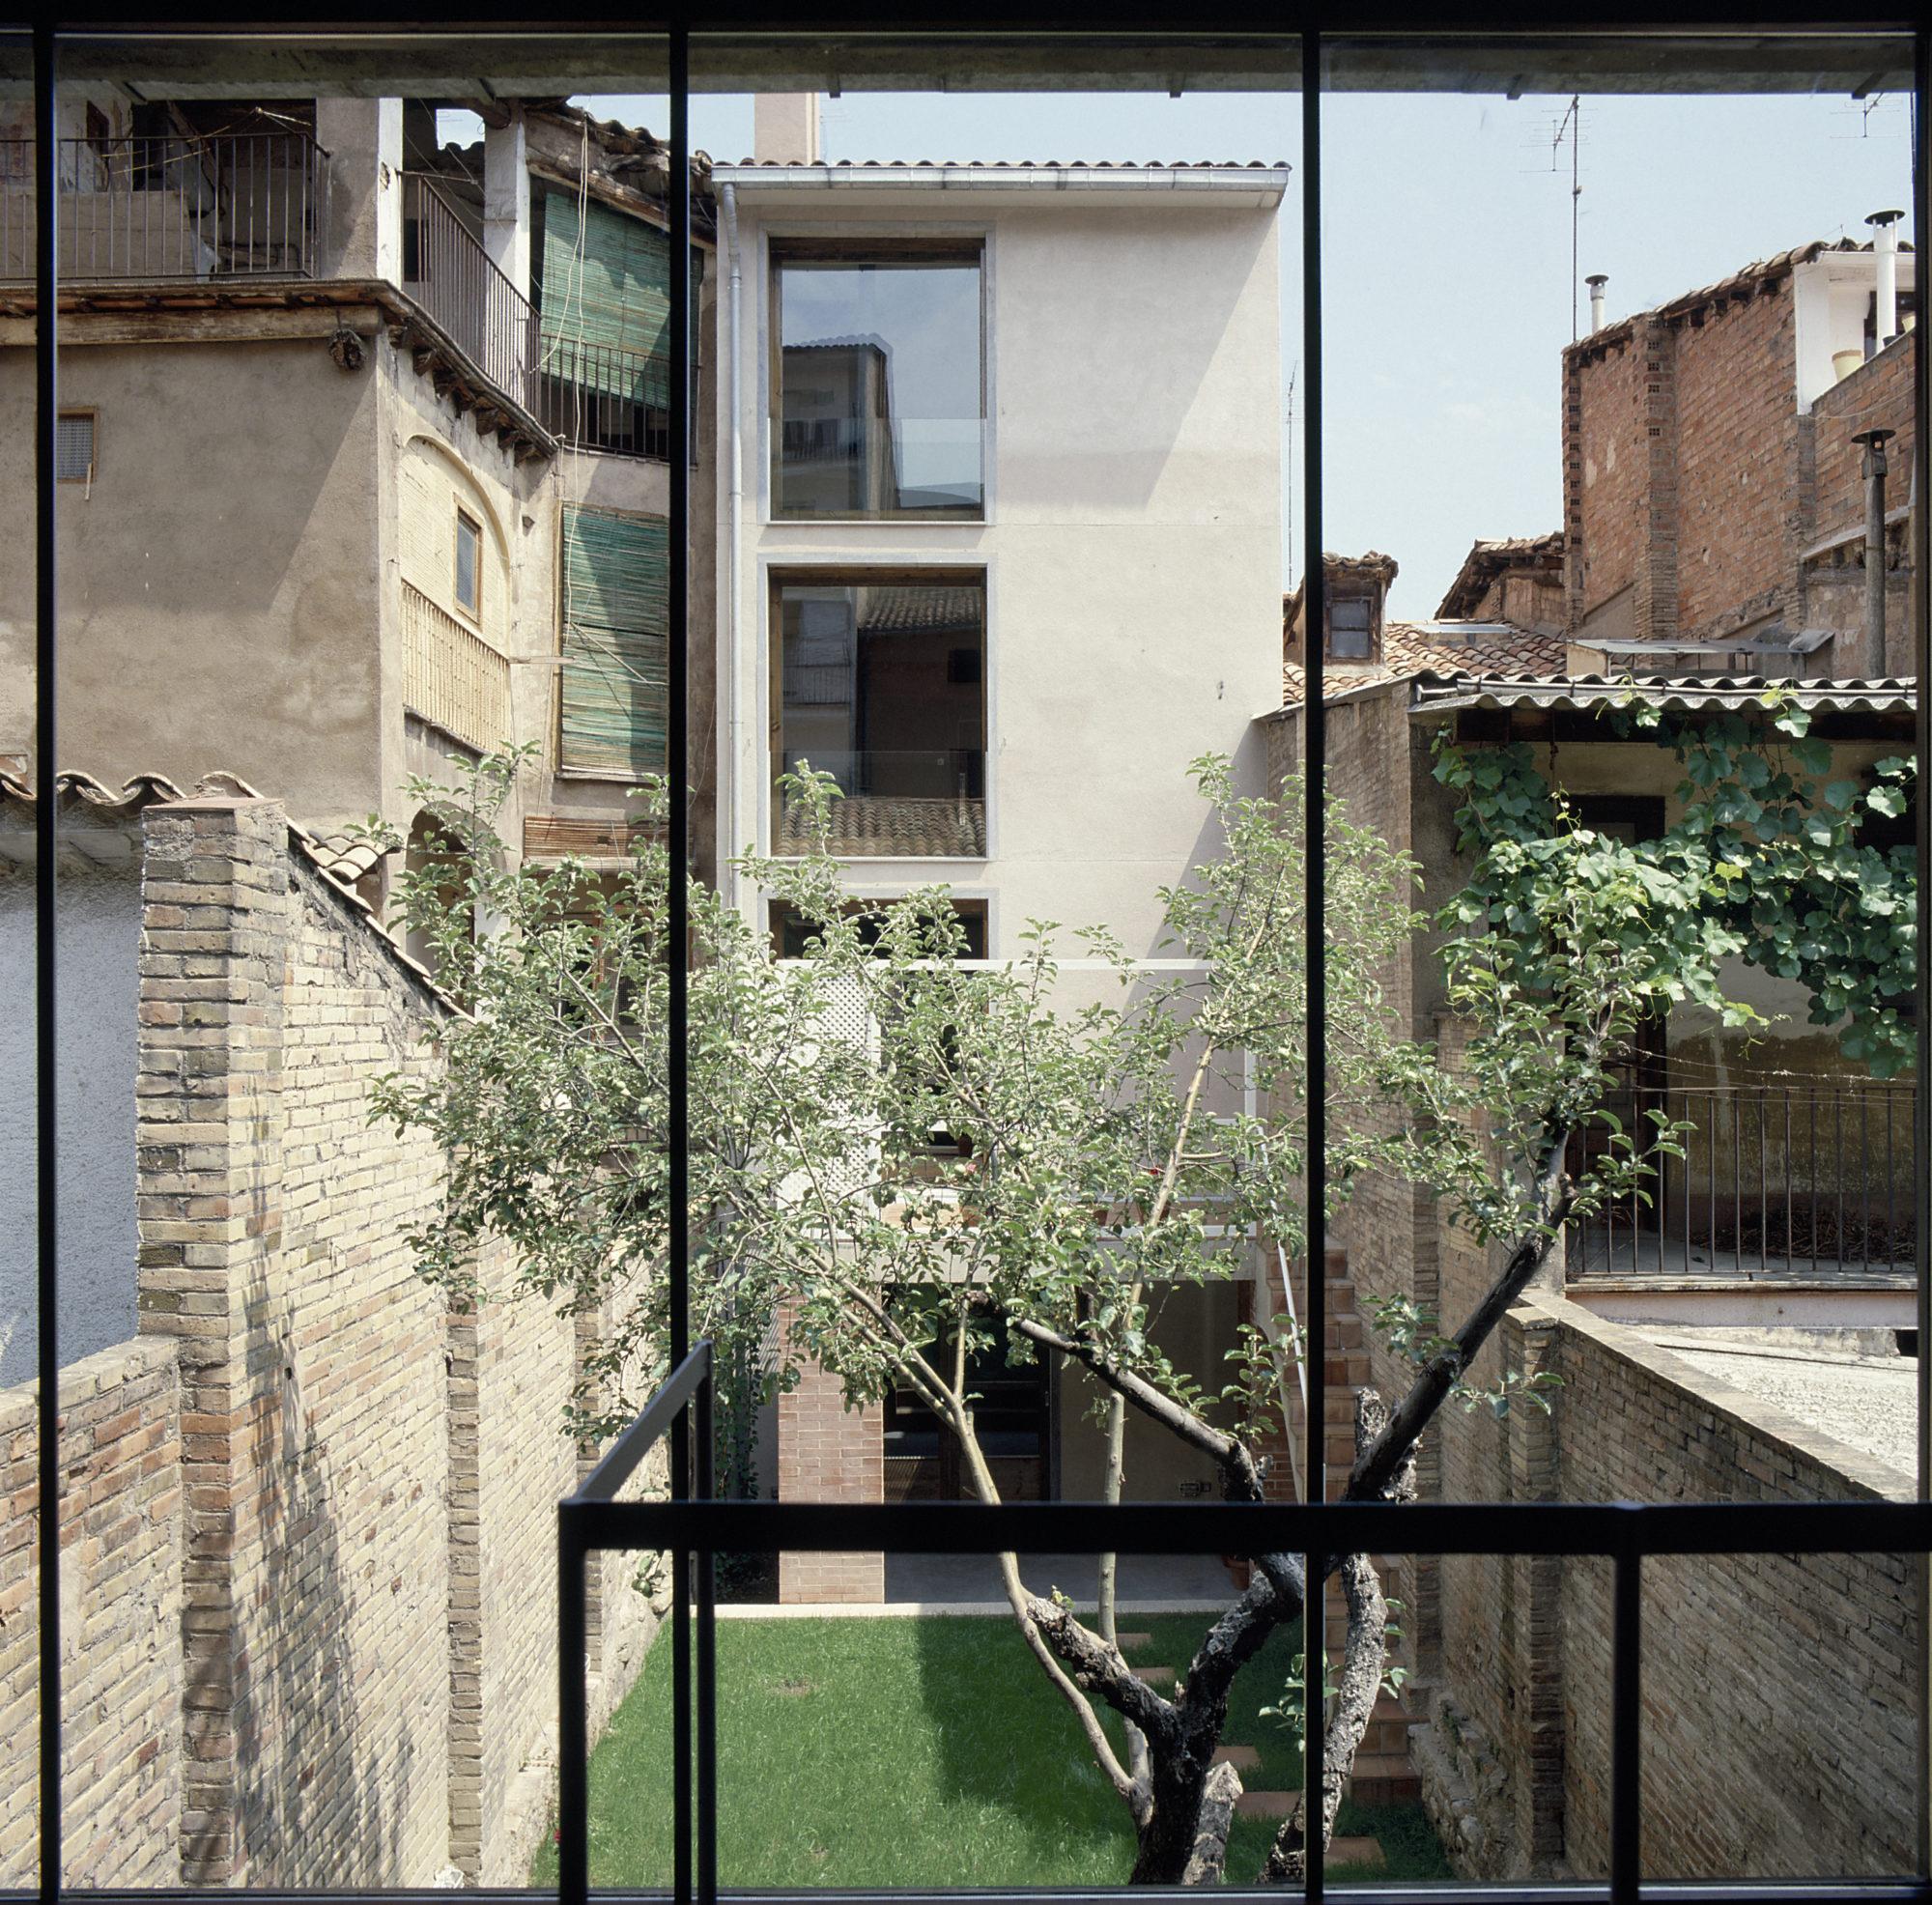 Casa Furriols - Garcés - de Seta - Bonet